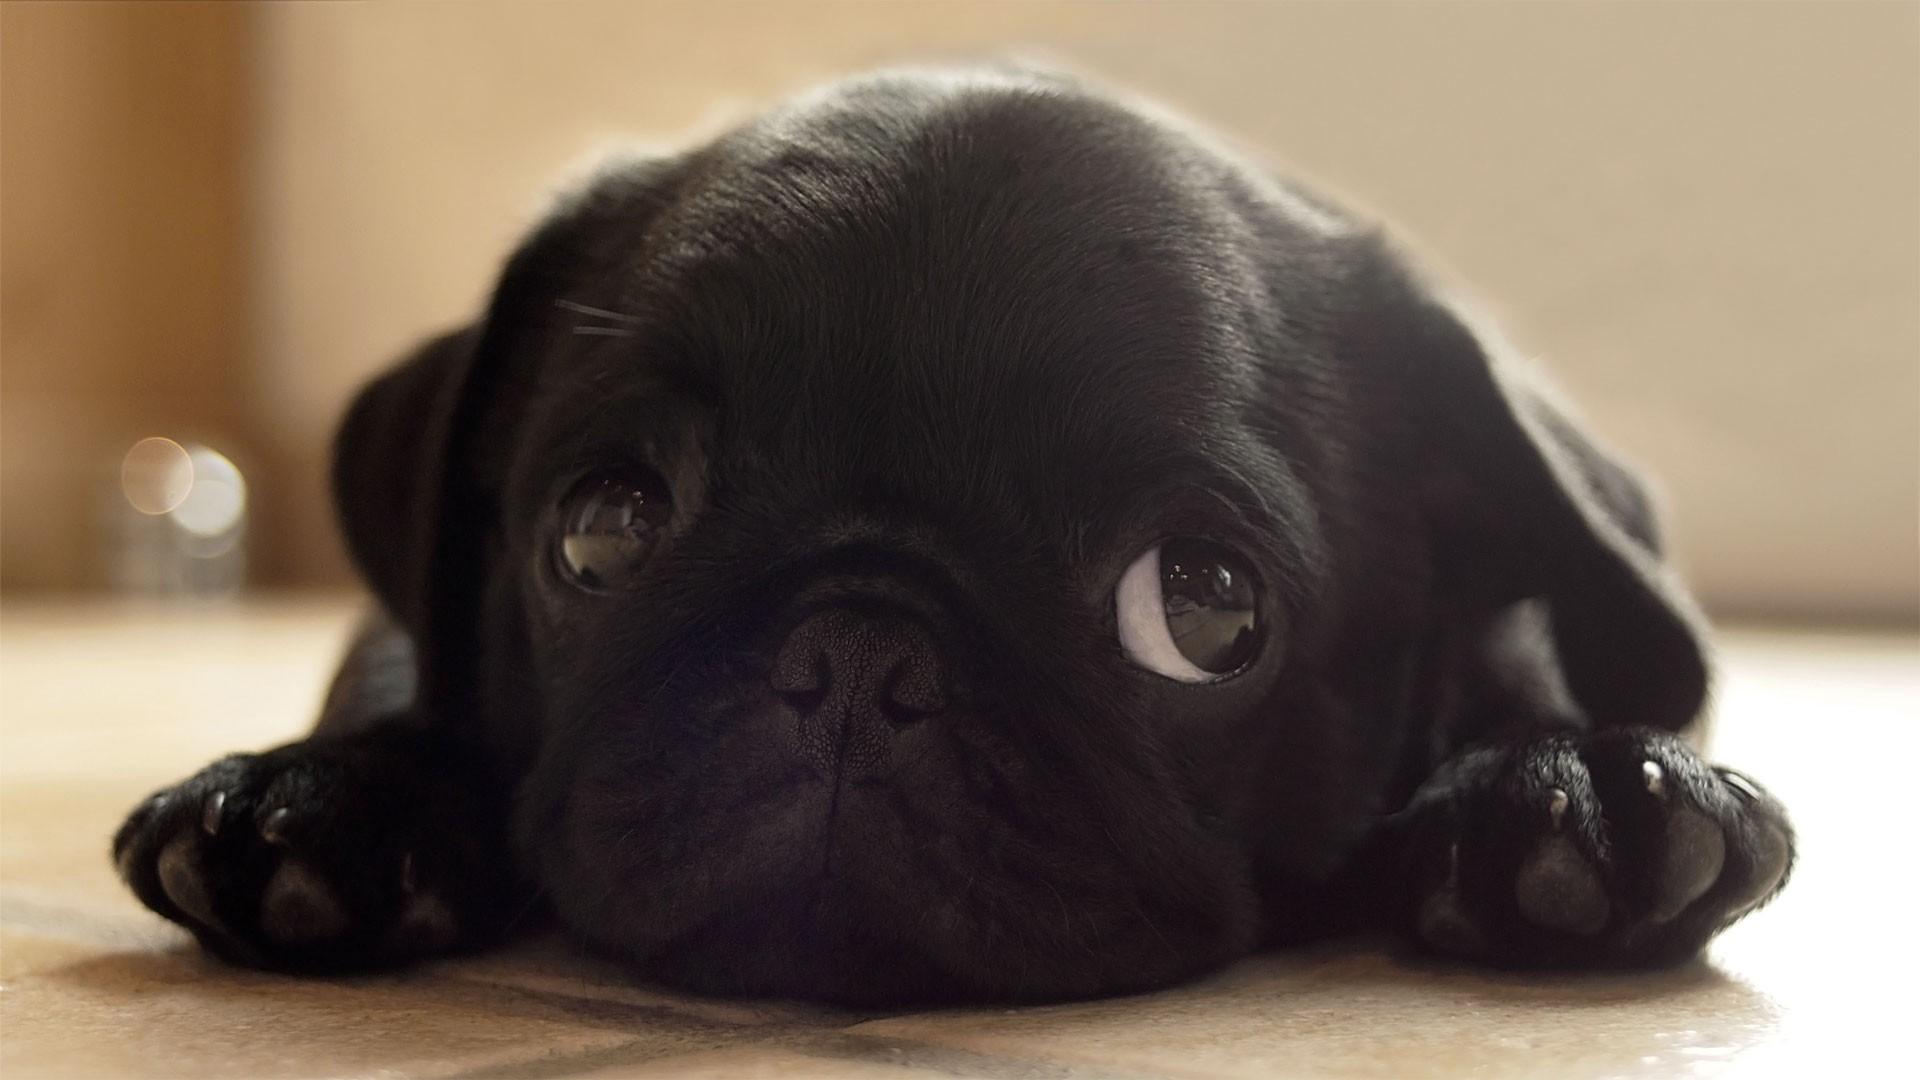 Animales: Fondos De Pantalla De Animales Tiernos